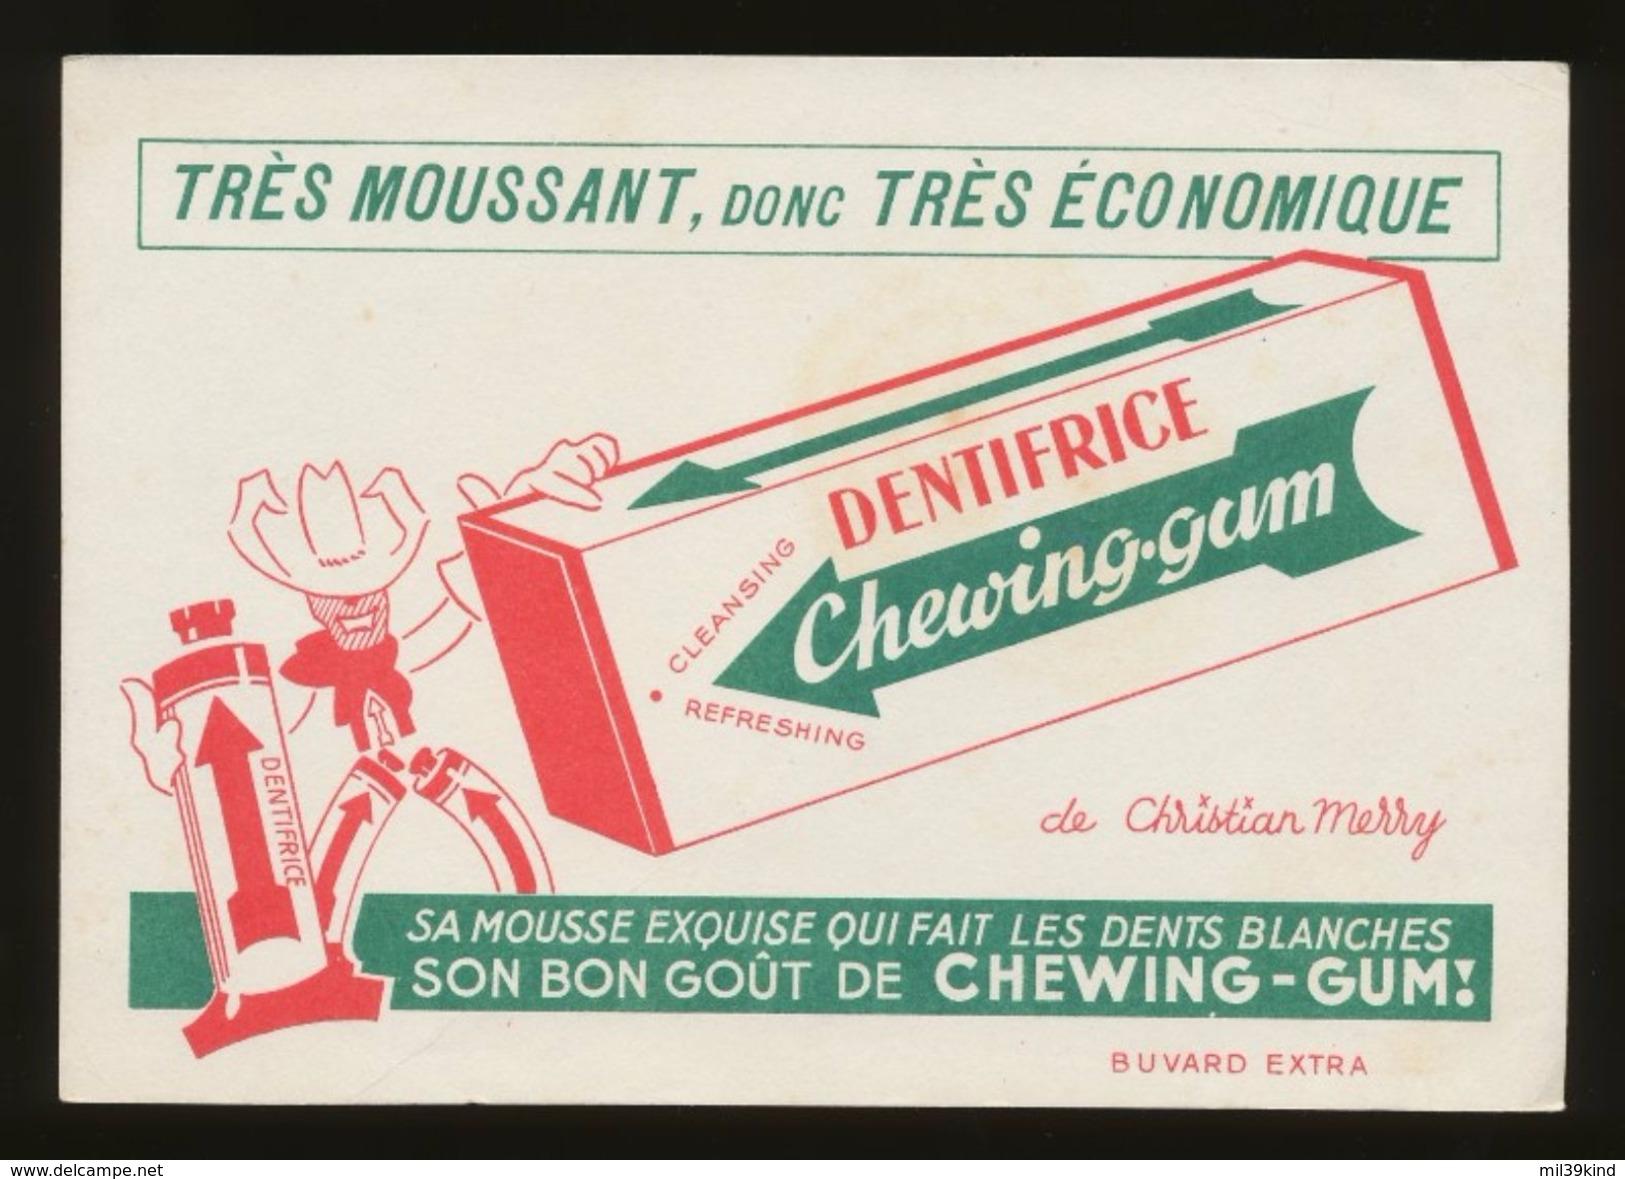 Publicite - DENTIFRICE Chewing-Gum - Buvards, Protège-cahiers Illustrés